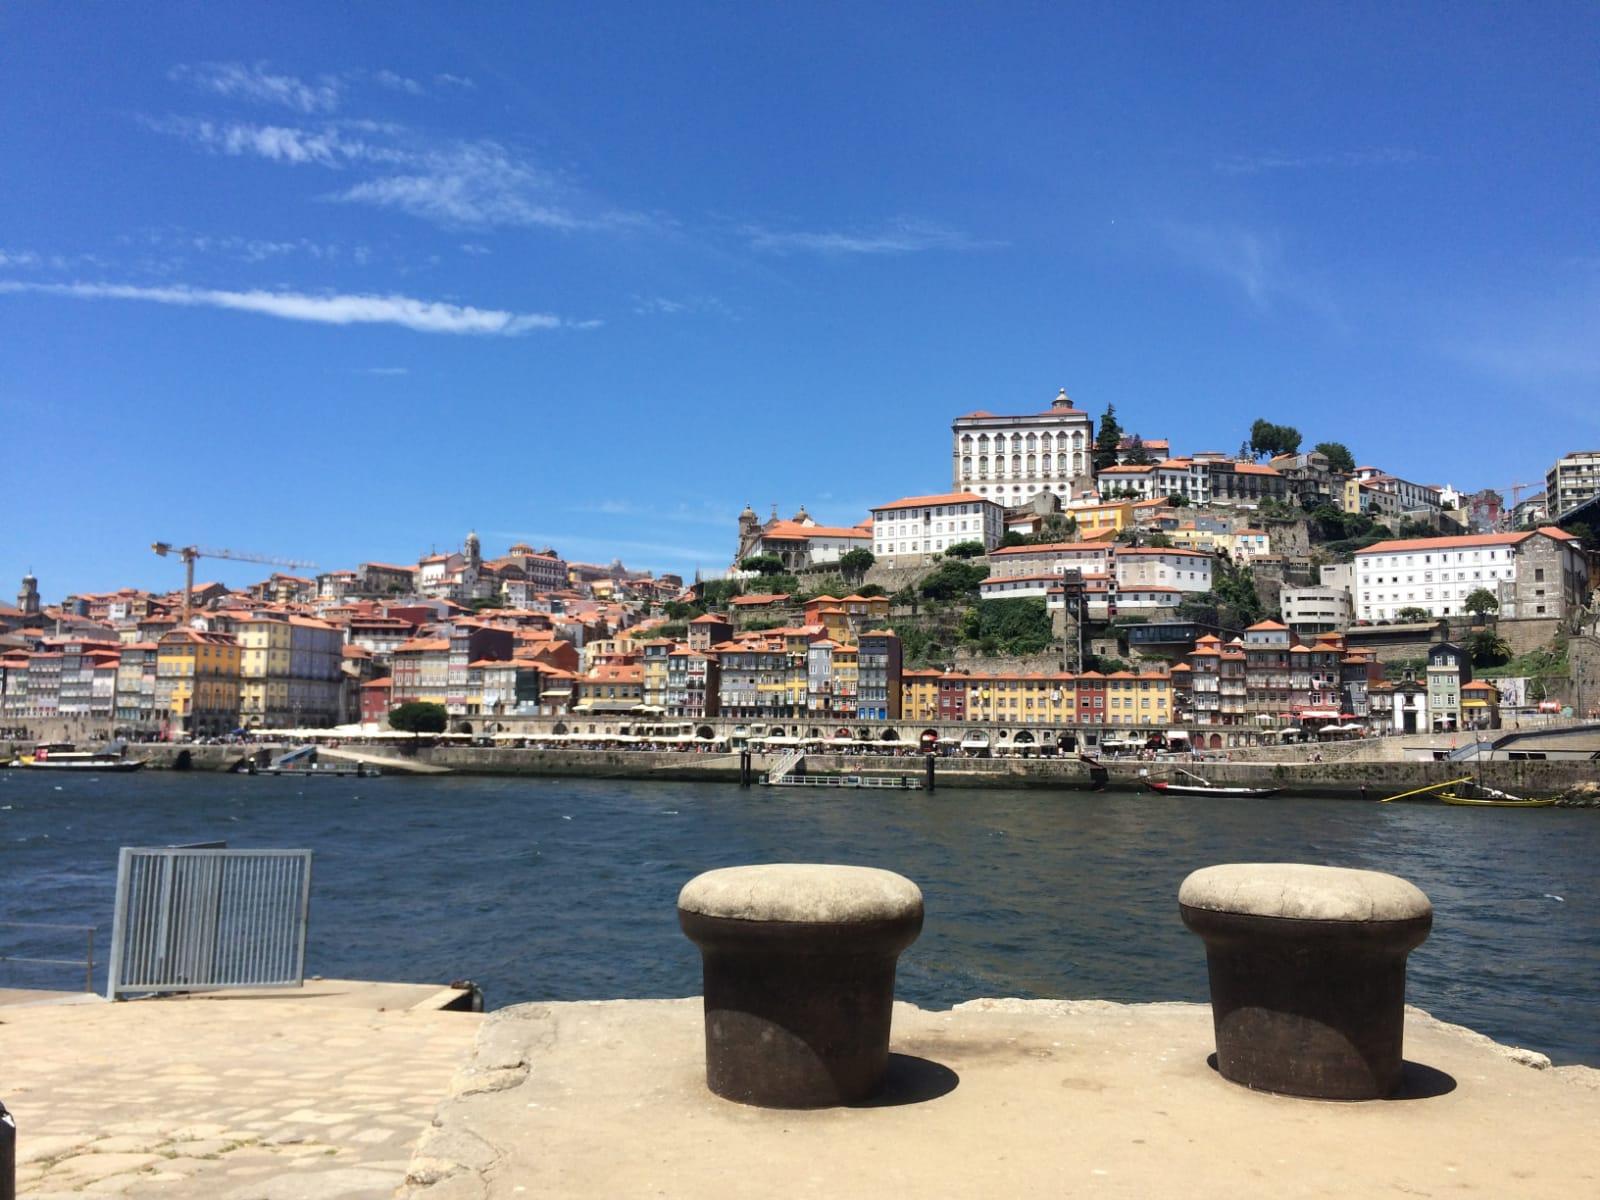 ville-de-porto-portugal-tourisme-gastronomie